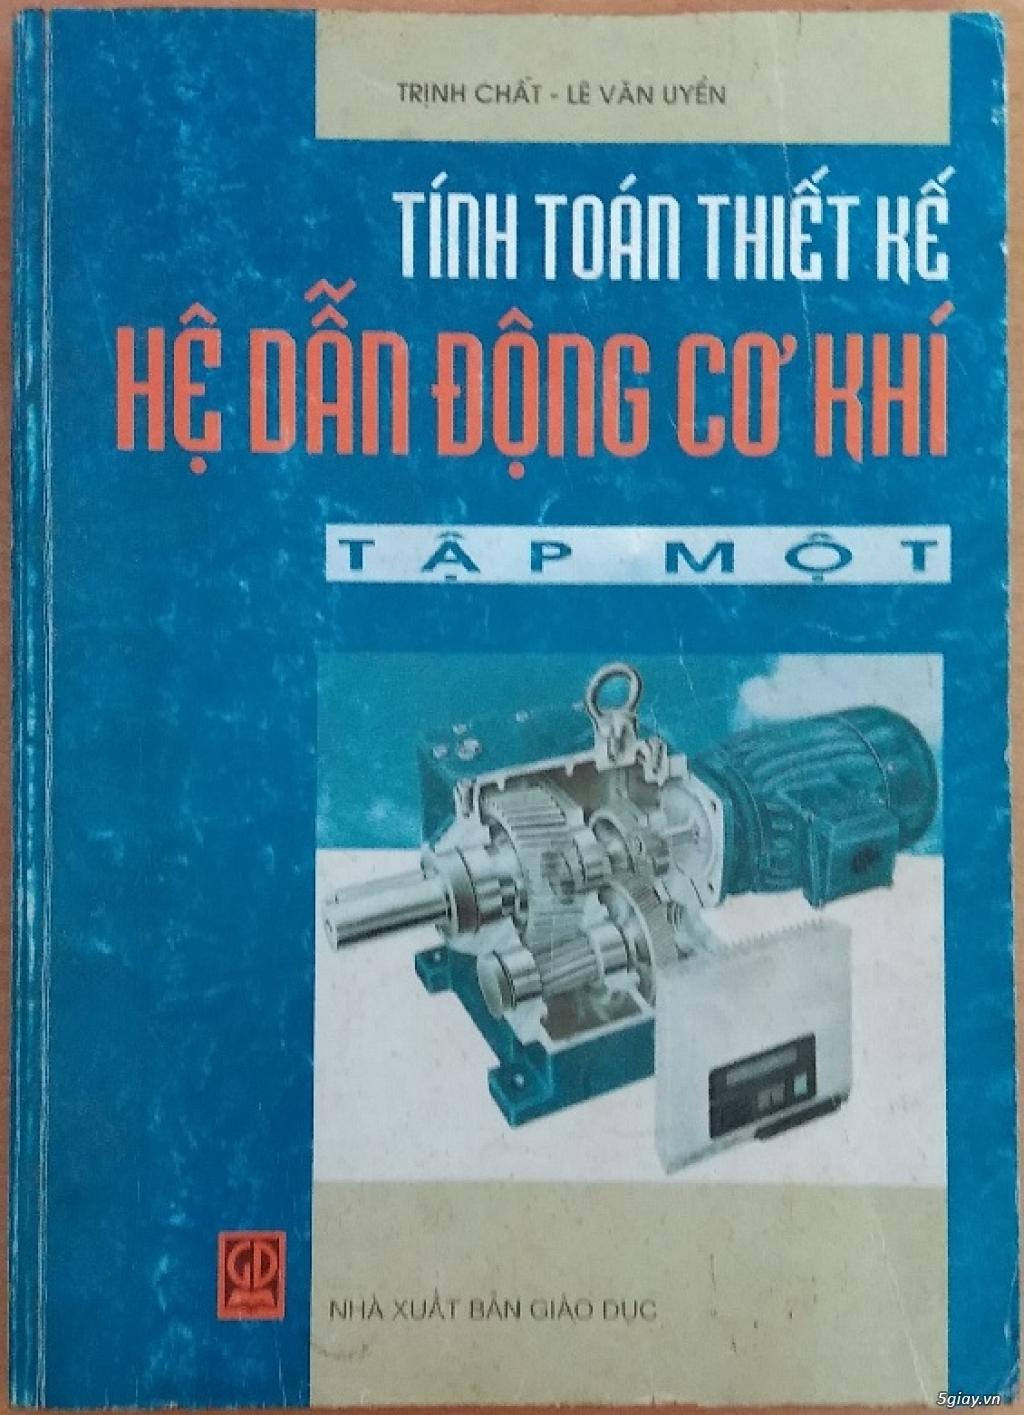 Thanh lý giáo trình đại học (kinh tế, kỹ thuật, Mác Lê Nin), truyện chữ Thuỷ Hử